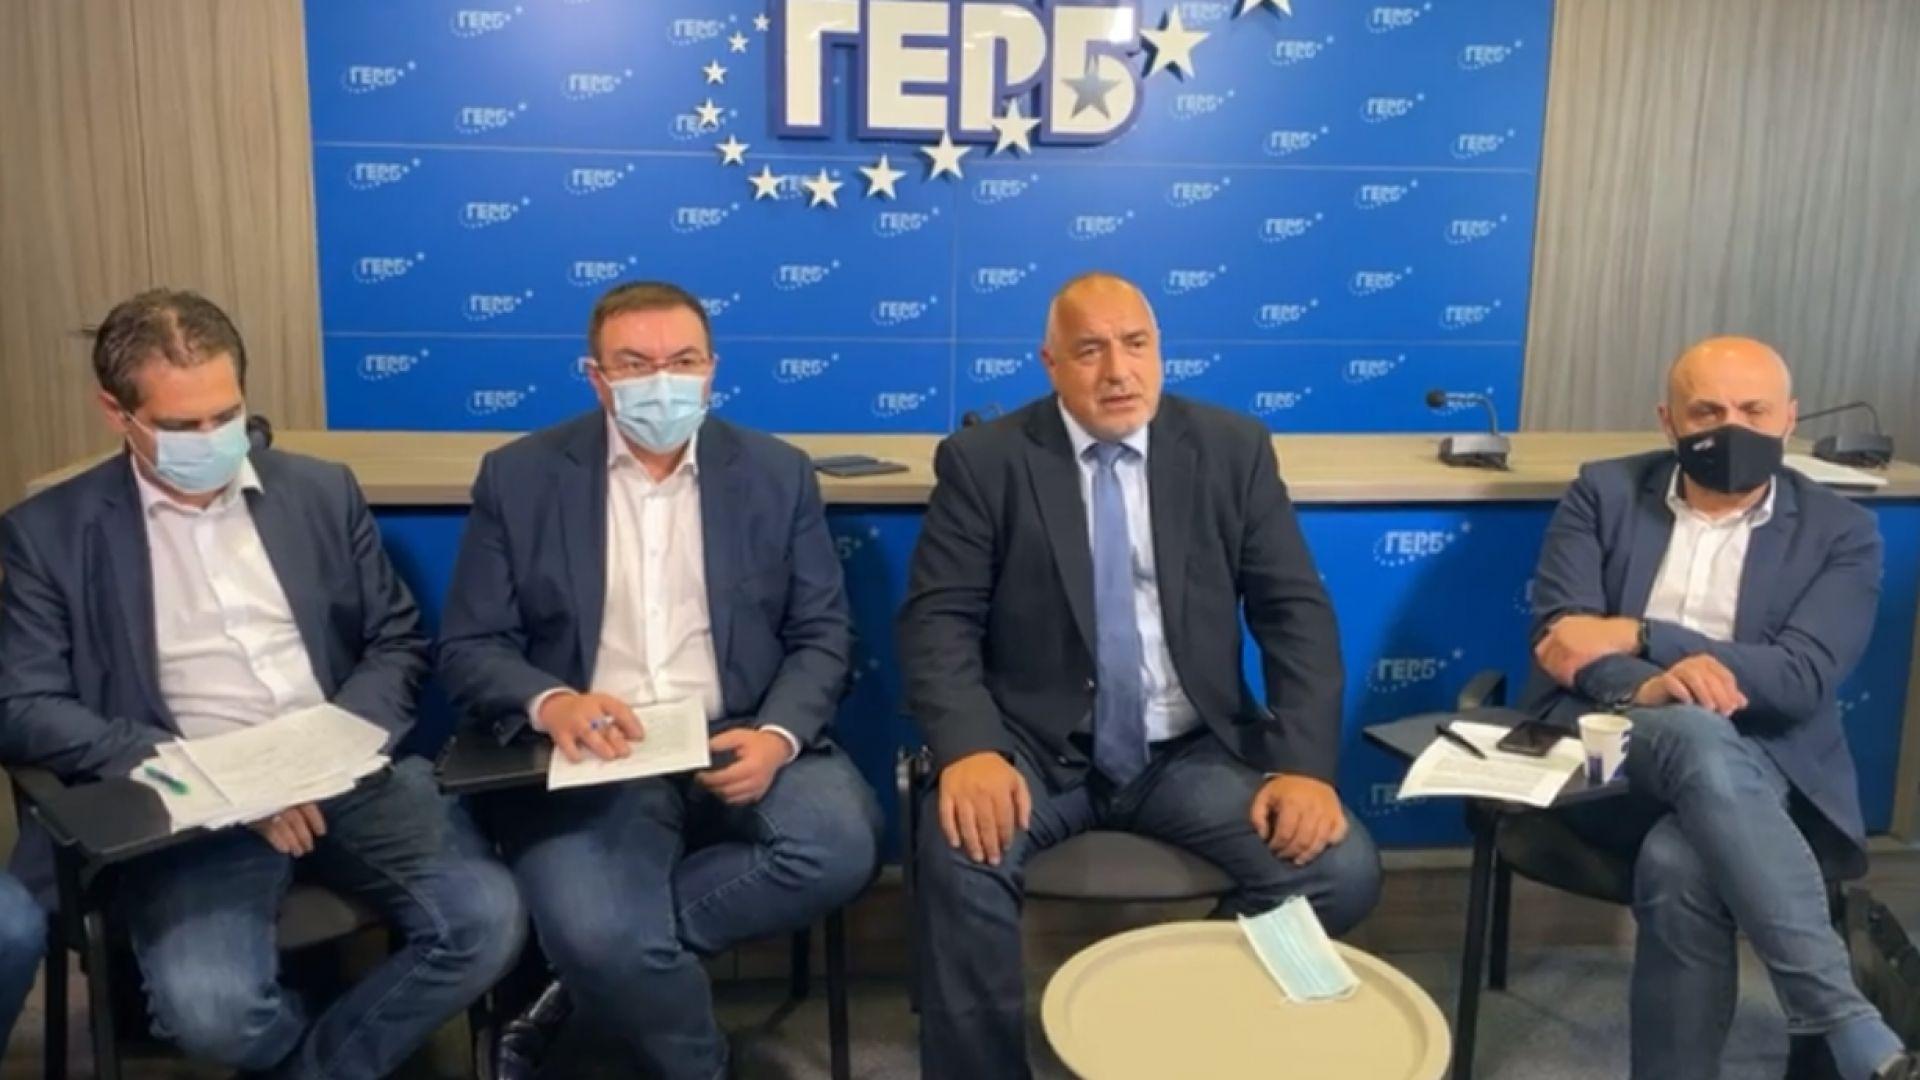 Борисов за сигнала до прокуратурата: Не са ми пришили само, че съм изял човек на филета (видео)